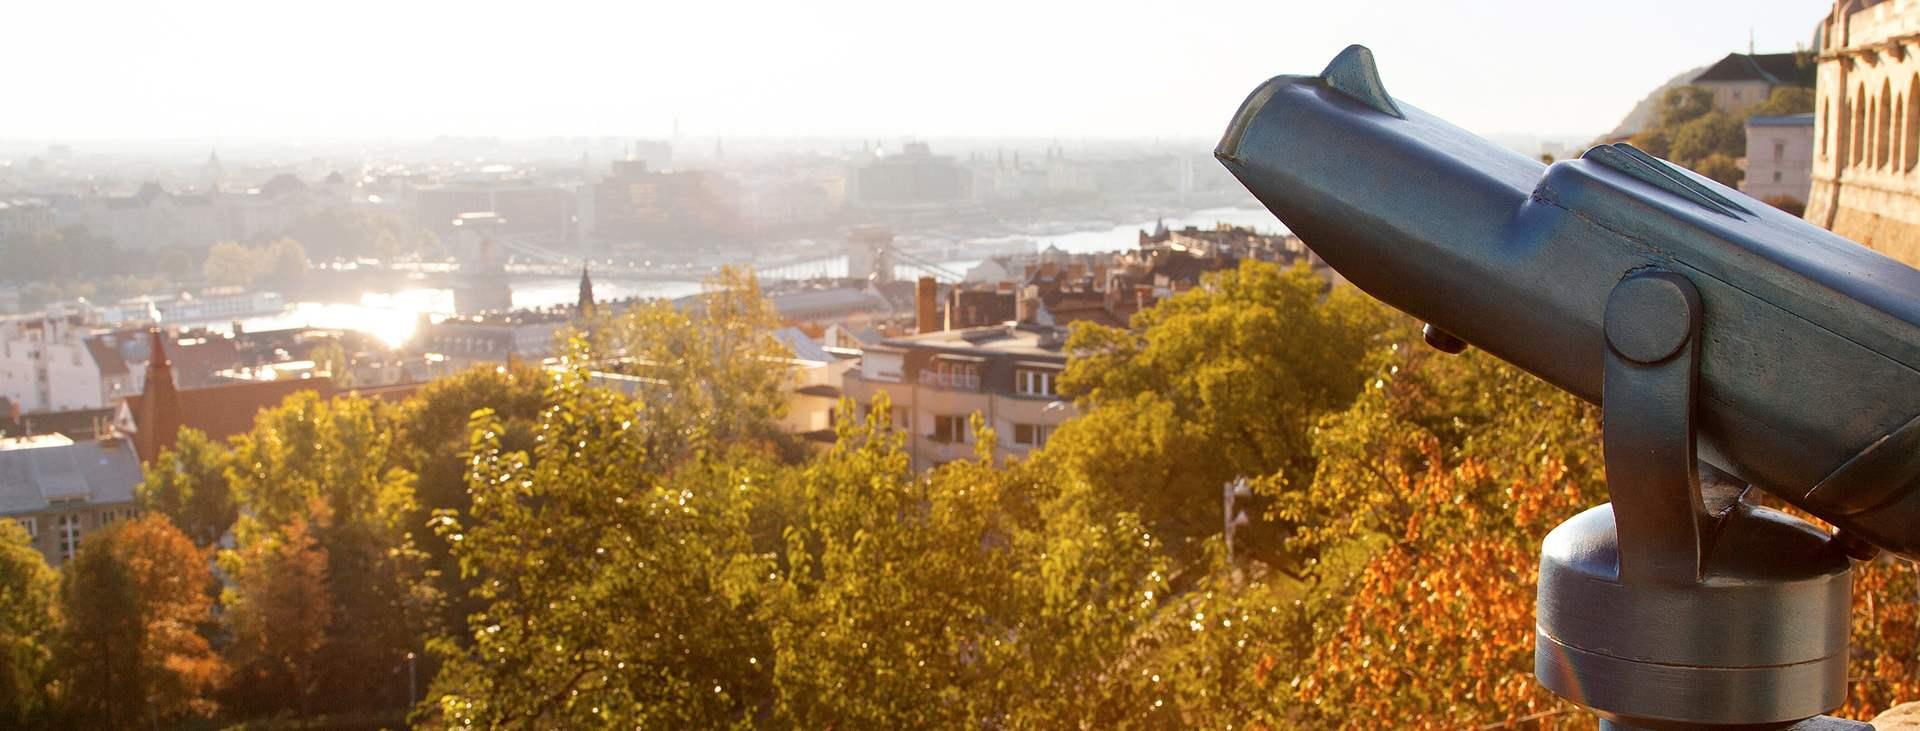 Boka en weekend till Ungern med flyg och hotell